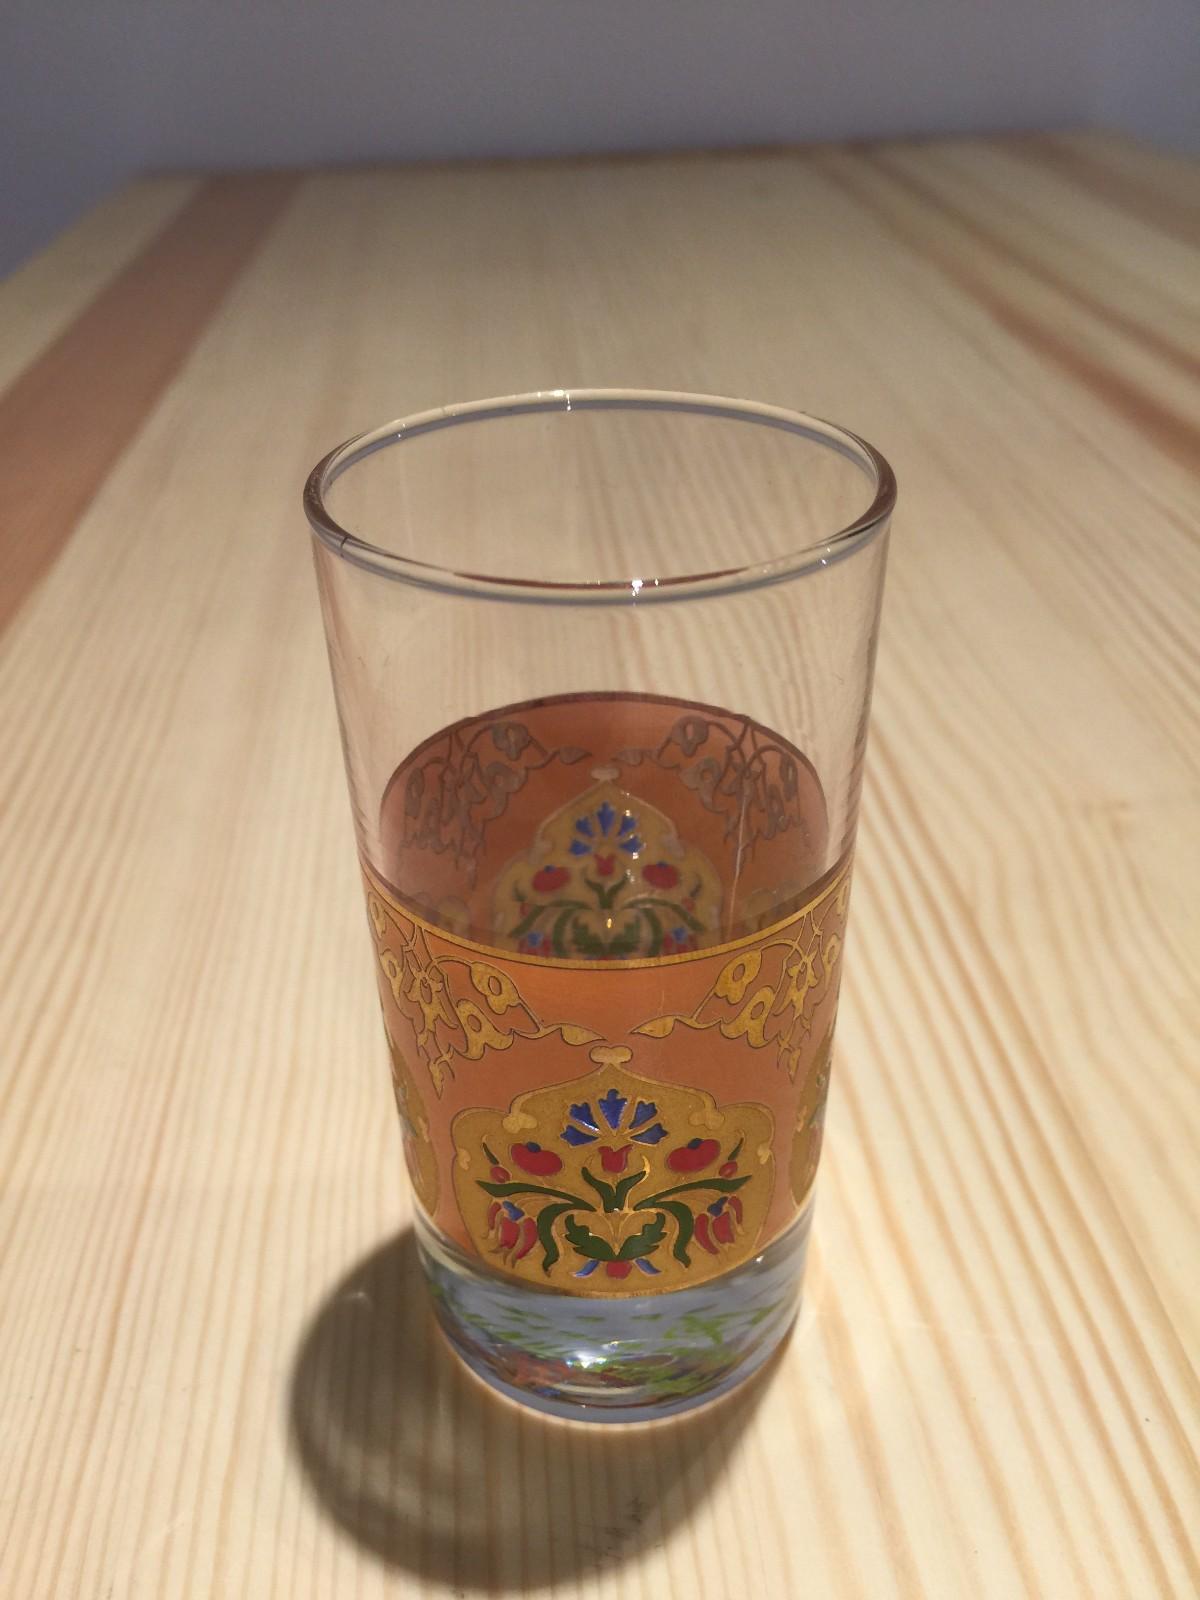 土耳其精品陶艺工艺品 家装摆件 咖啡杯图片八